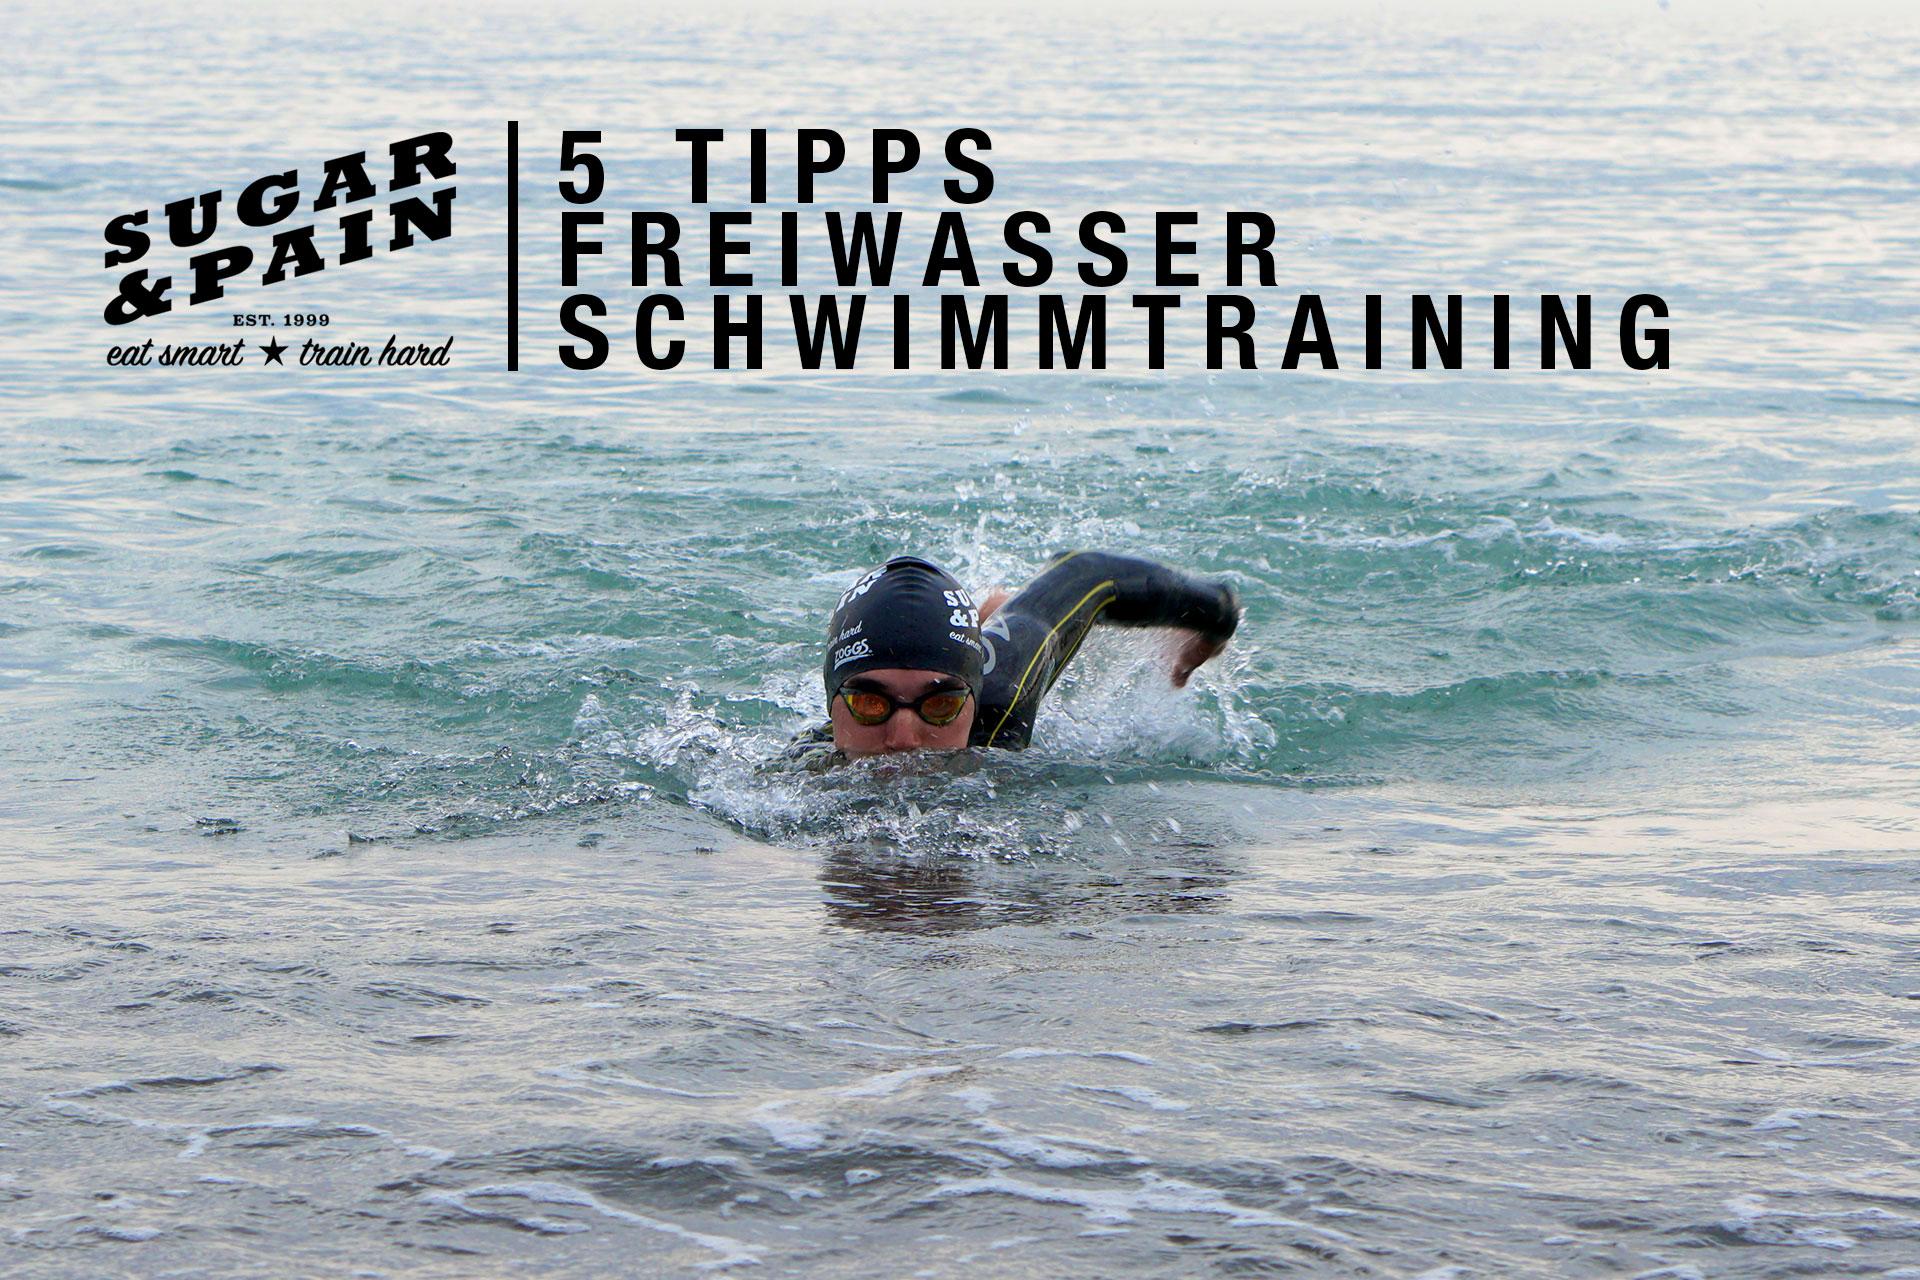 RICHTIGE KRAULTECHNIK / 5 Tipps für dein Schwimmtraining im Freiwasser / Krokodilblick zur Orientierung / Titel © SUGAR & PAIN Stefan Drexl